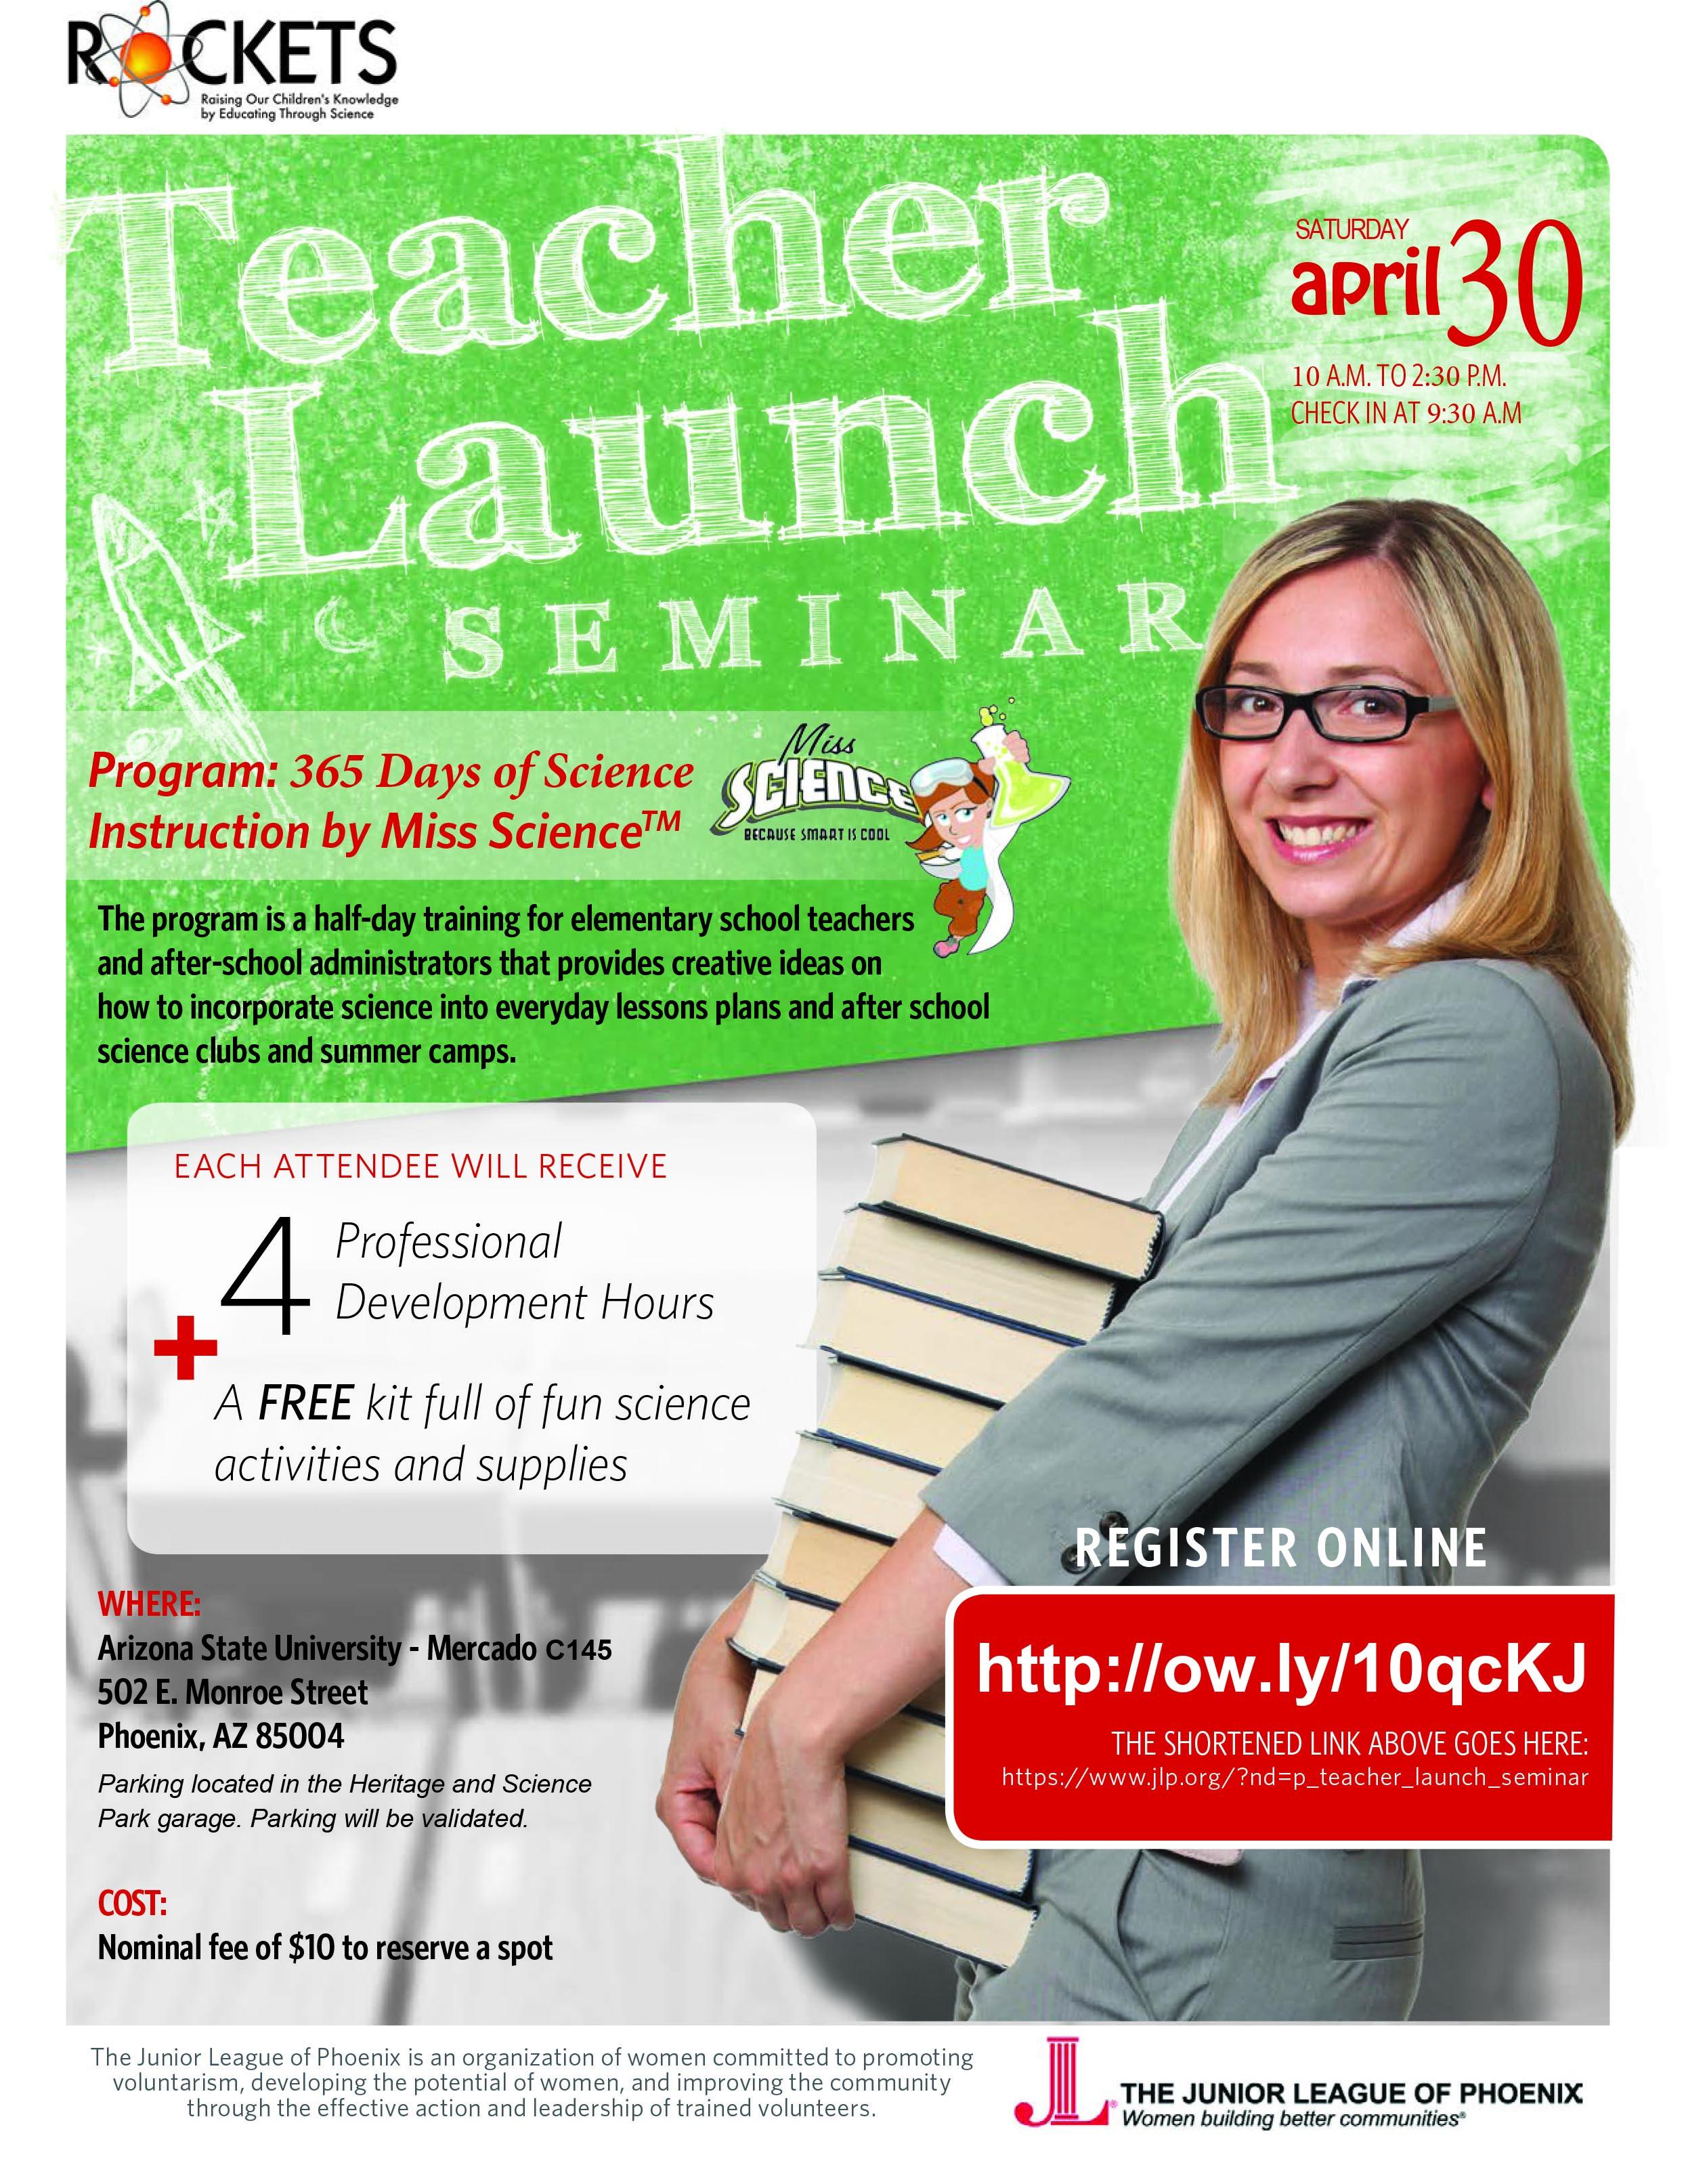 JLP-ROCKETS-Teacher-Launch-Seminar-Info-----April-30-2016